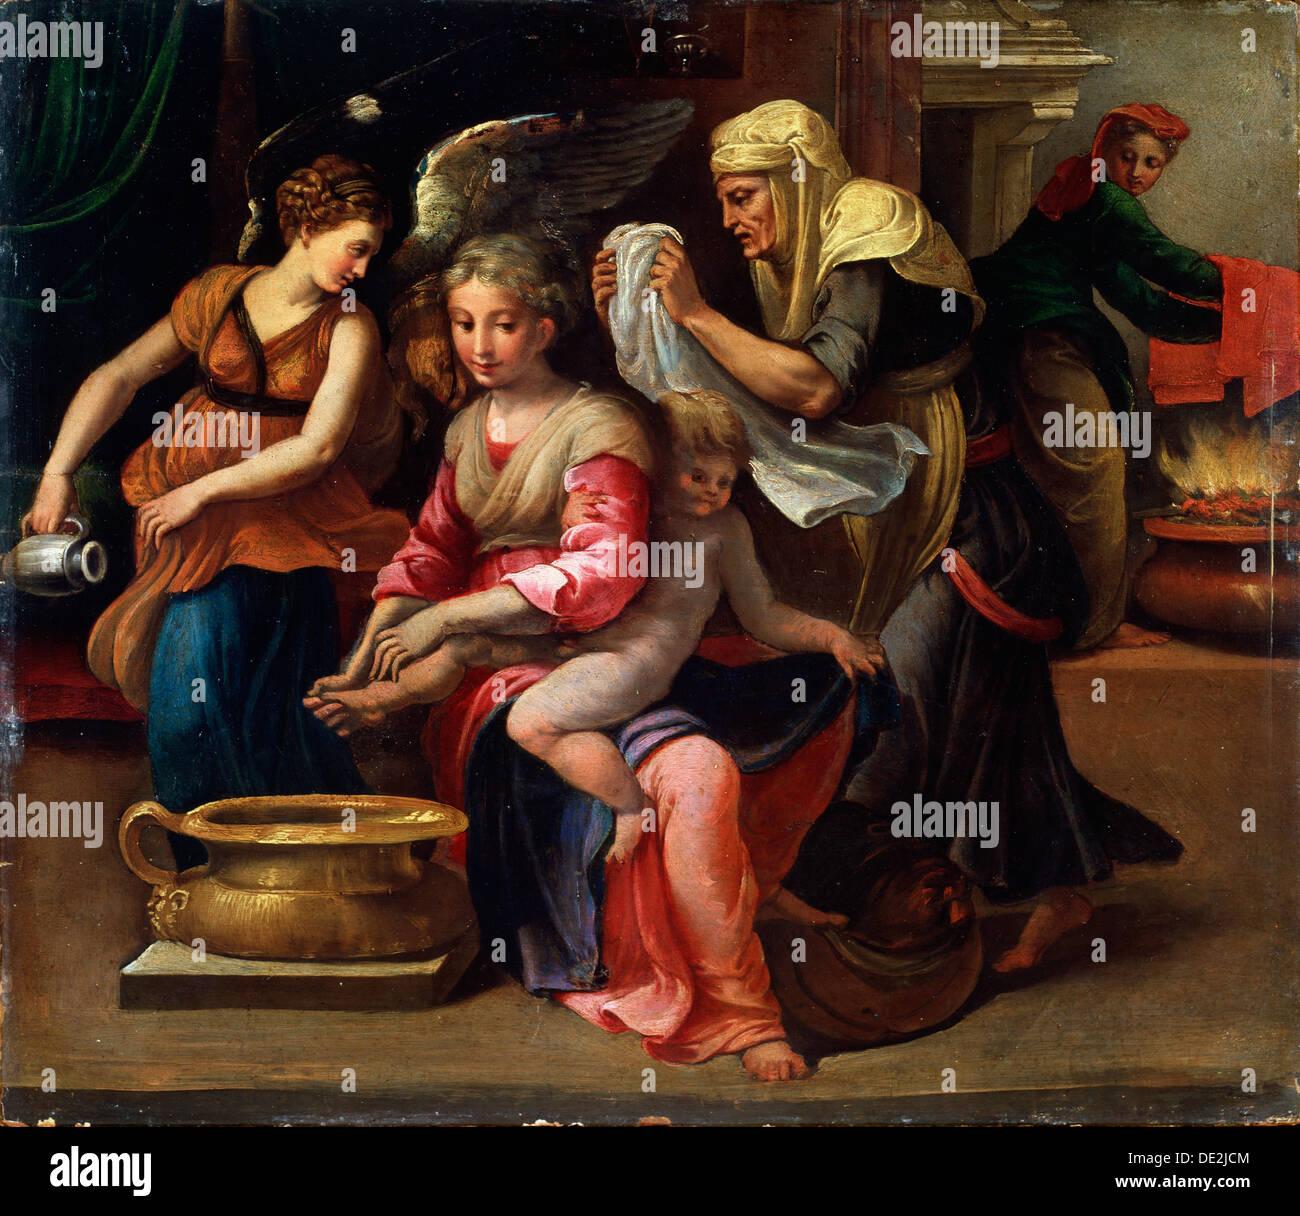 'L'enfant baignoire', 16ème siècle. Artiste: Parmigianino Photo Stock